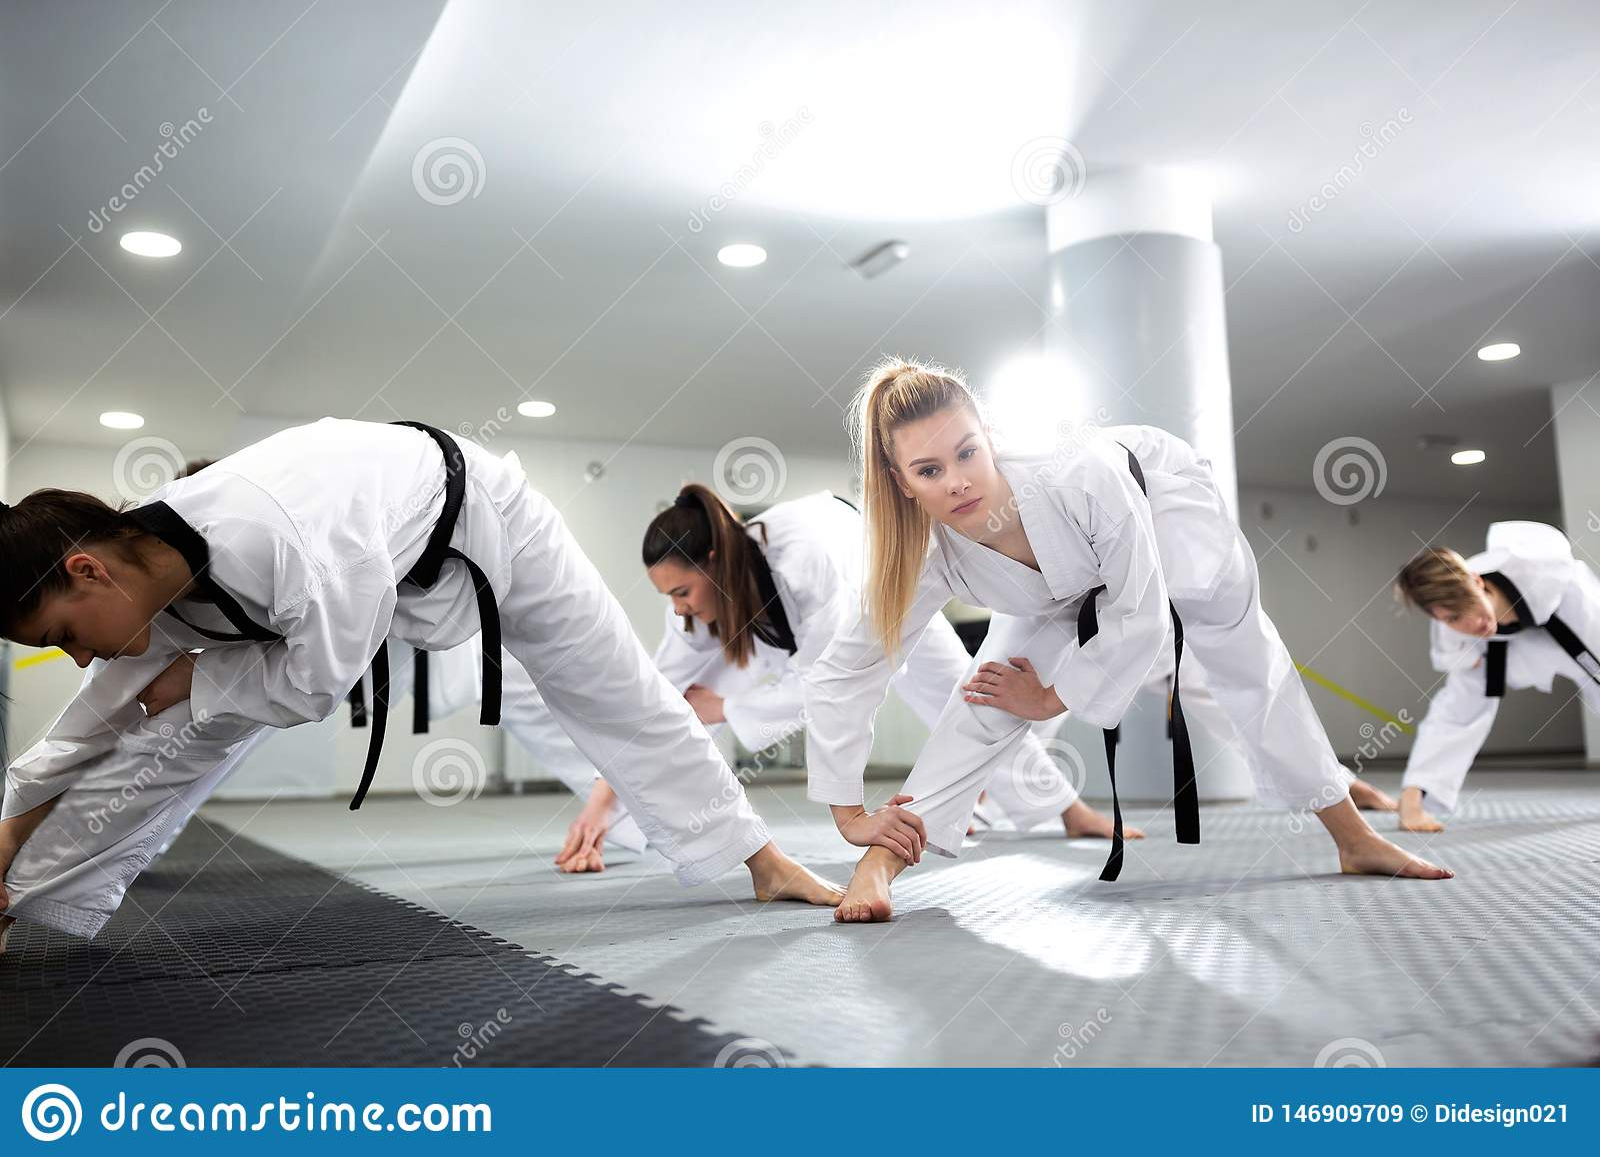 小组舒展和训练与他们的完全残疾朋友一起的跆拳道运动员